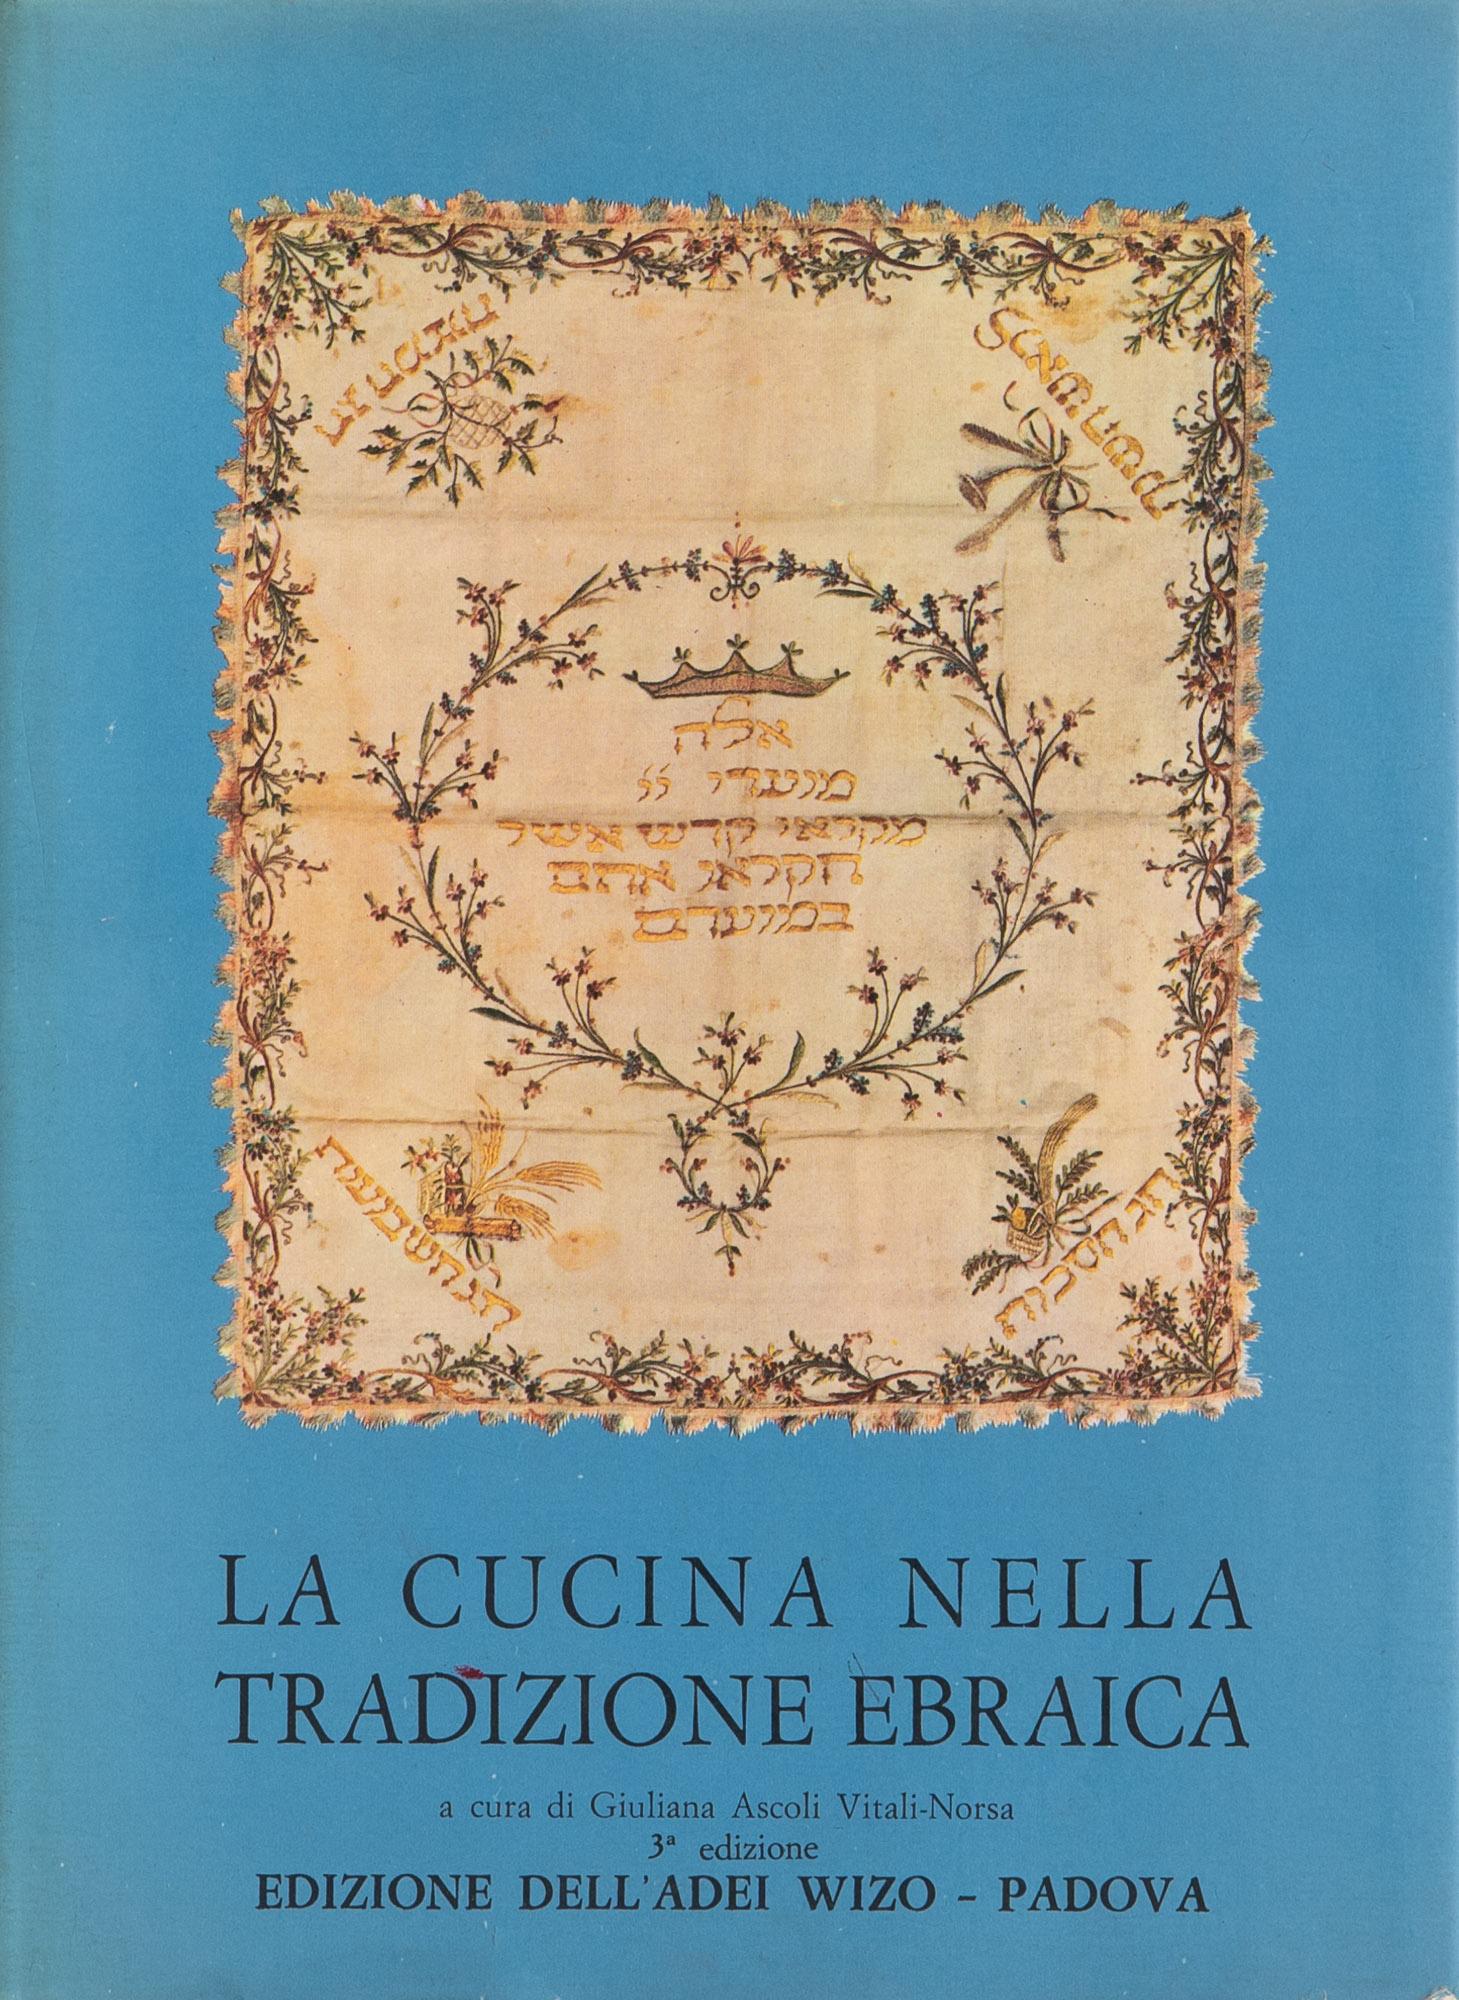 The cover of Italian cookbook La Cucina Nella Tradizione Ebraica